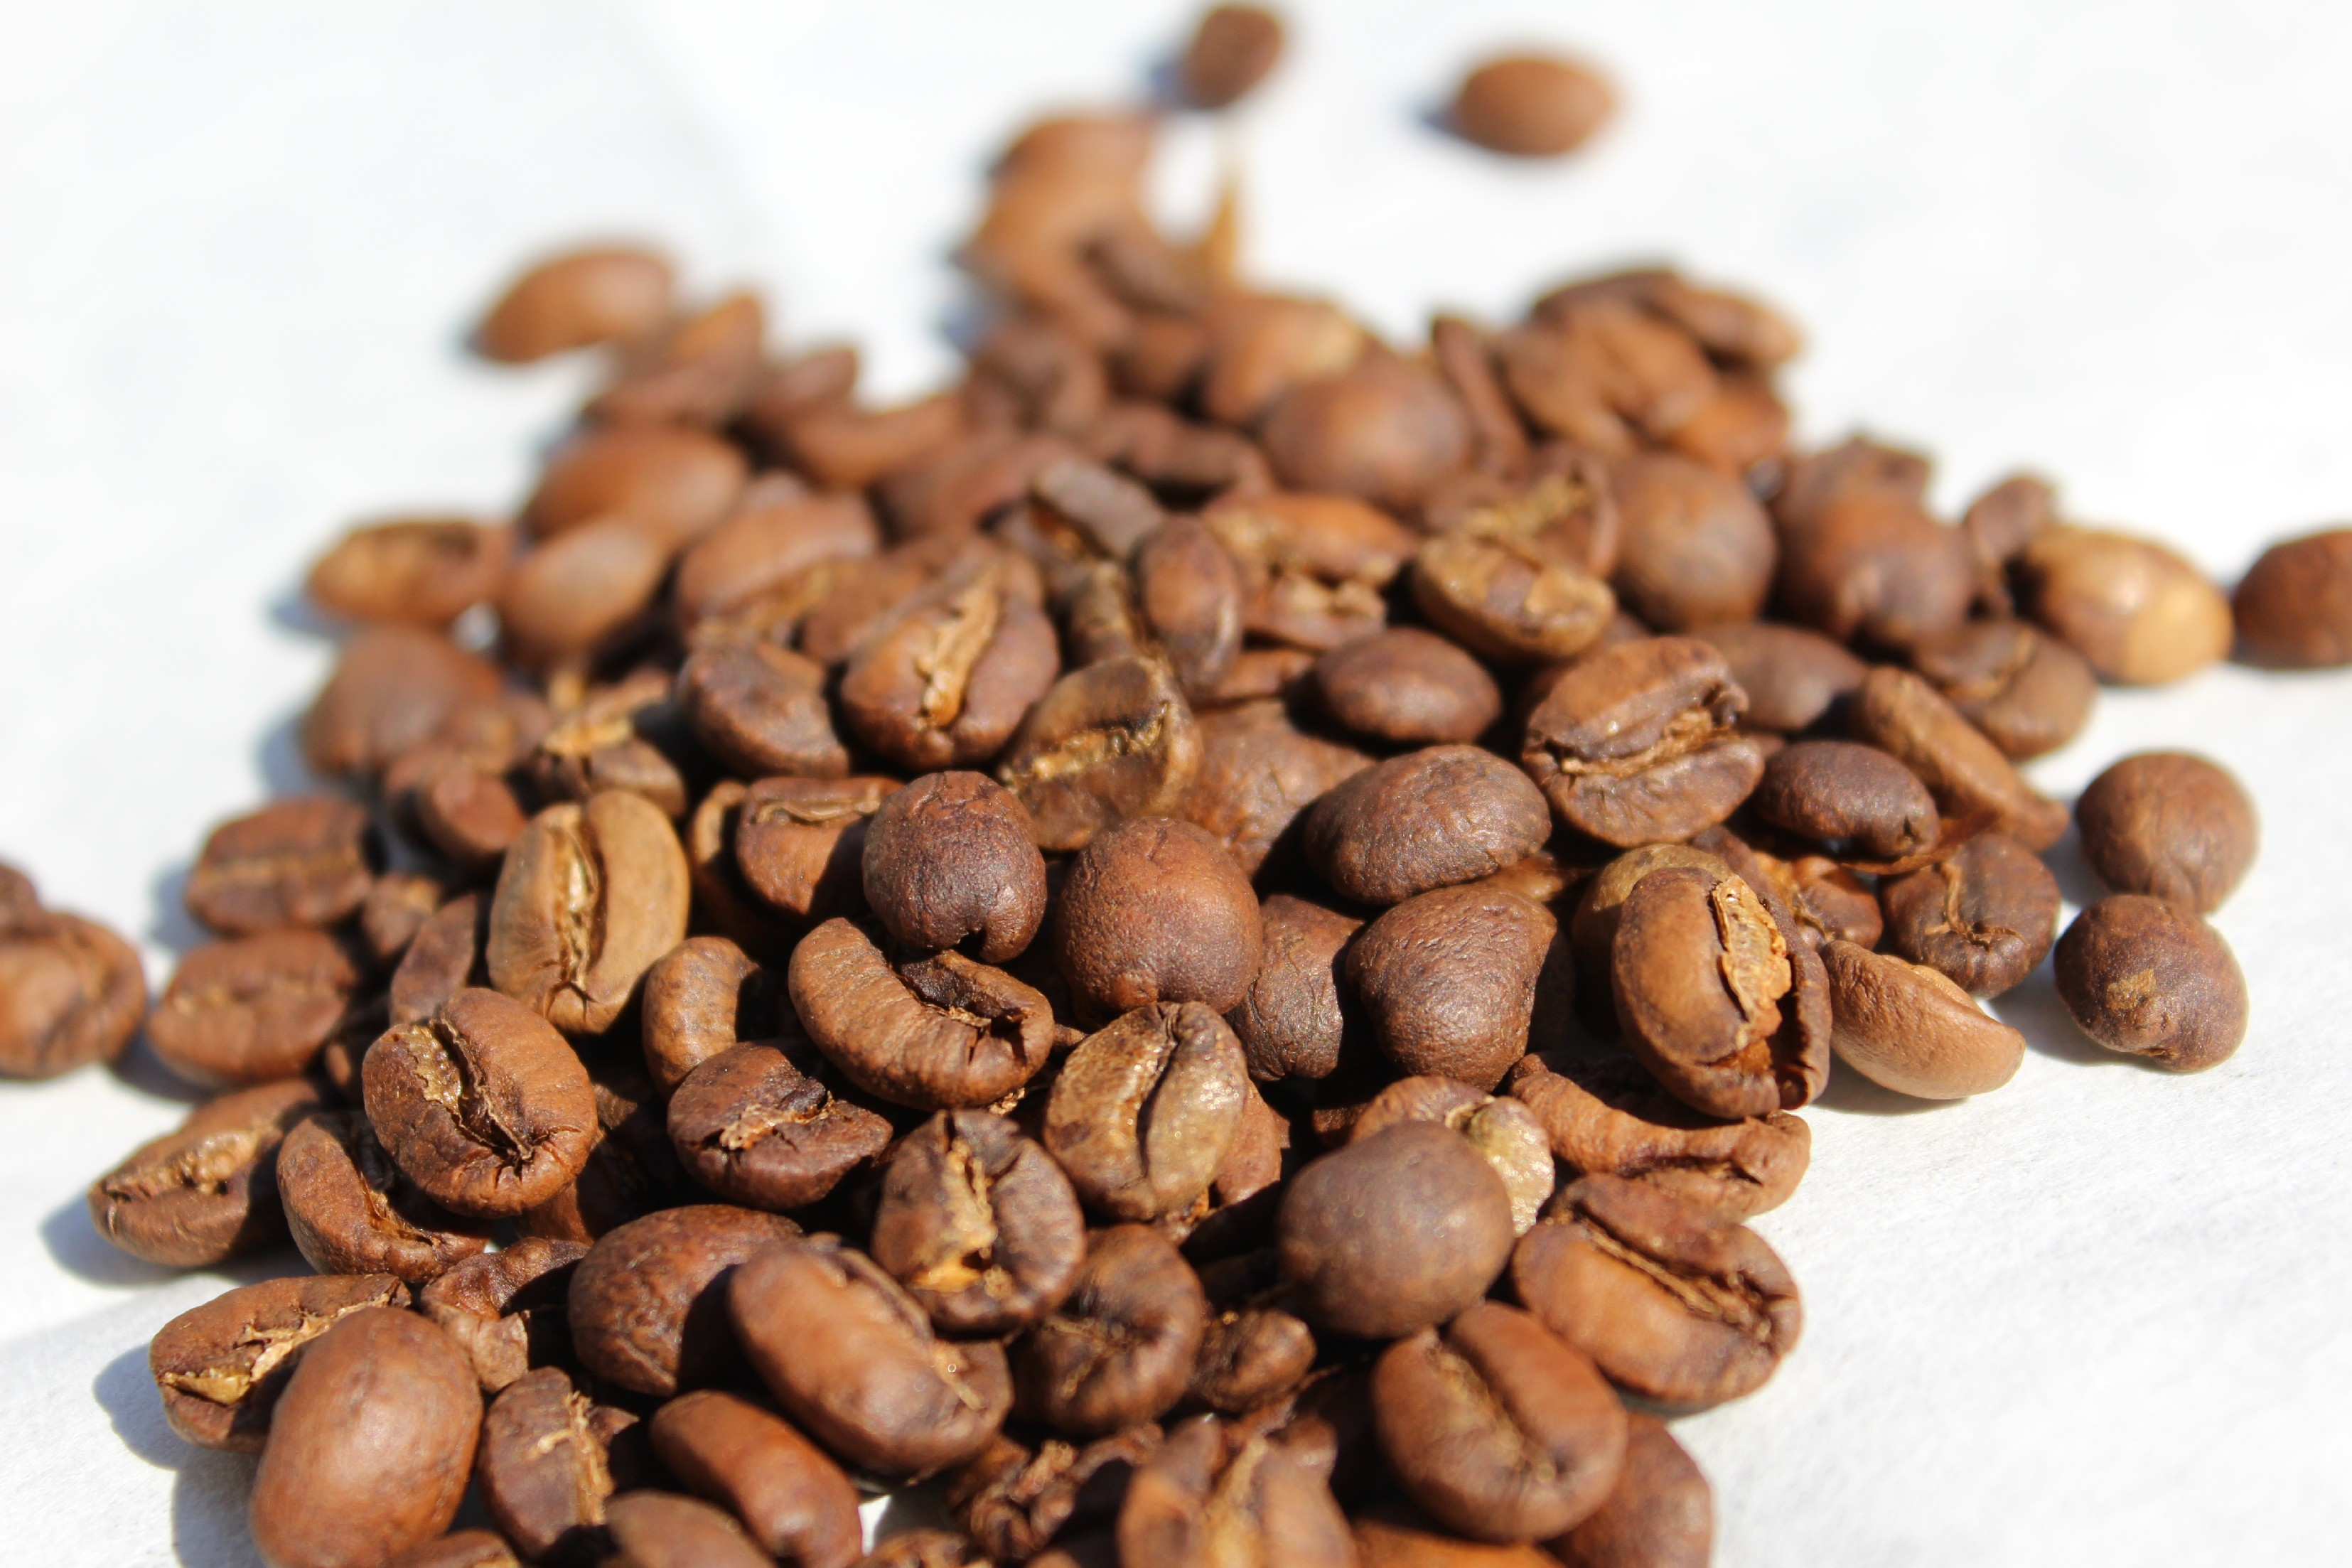 BotaCoffee Brazil Obata Fazenda da Lagoa Estate, Sul de Minas, NY2/3, Scr. 16/17, semi washed (250g) Mletí kávy: Zalévaná káva (český turek)